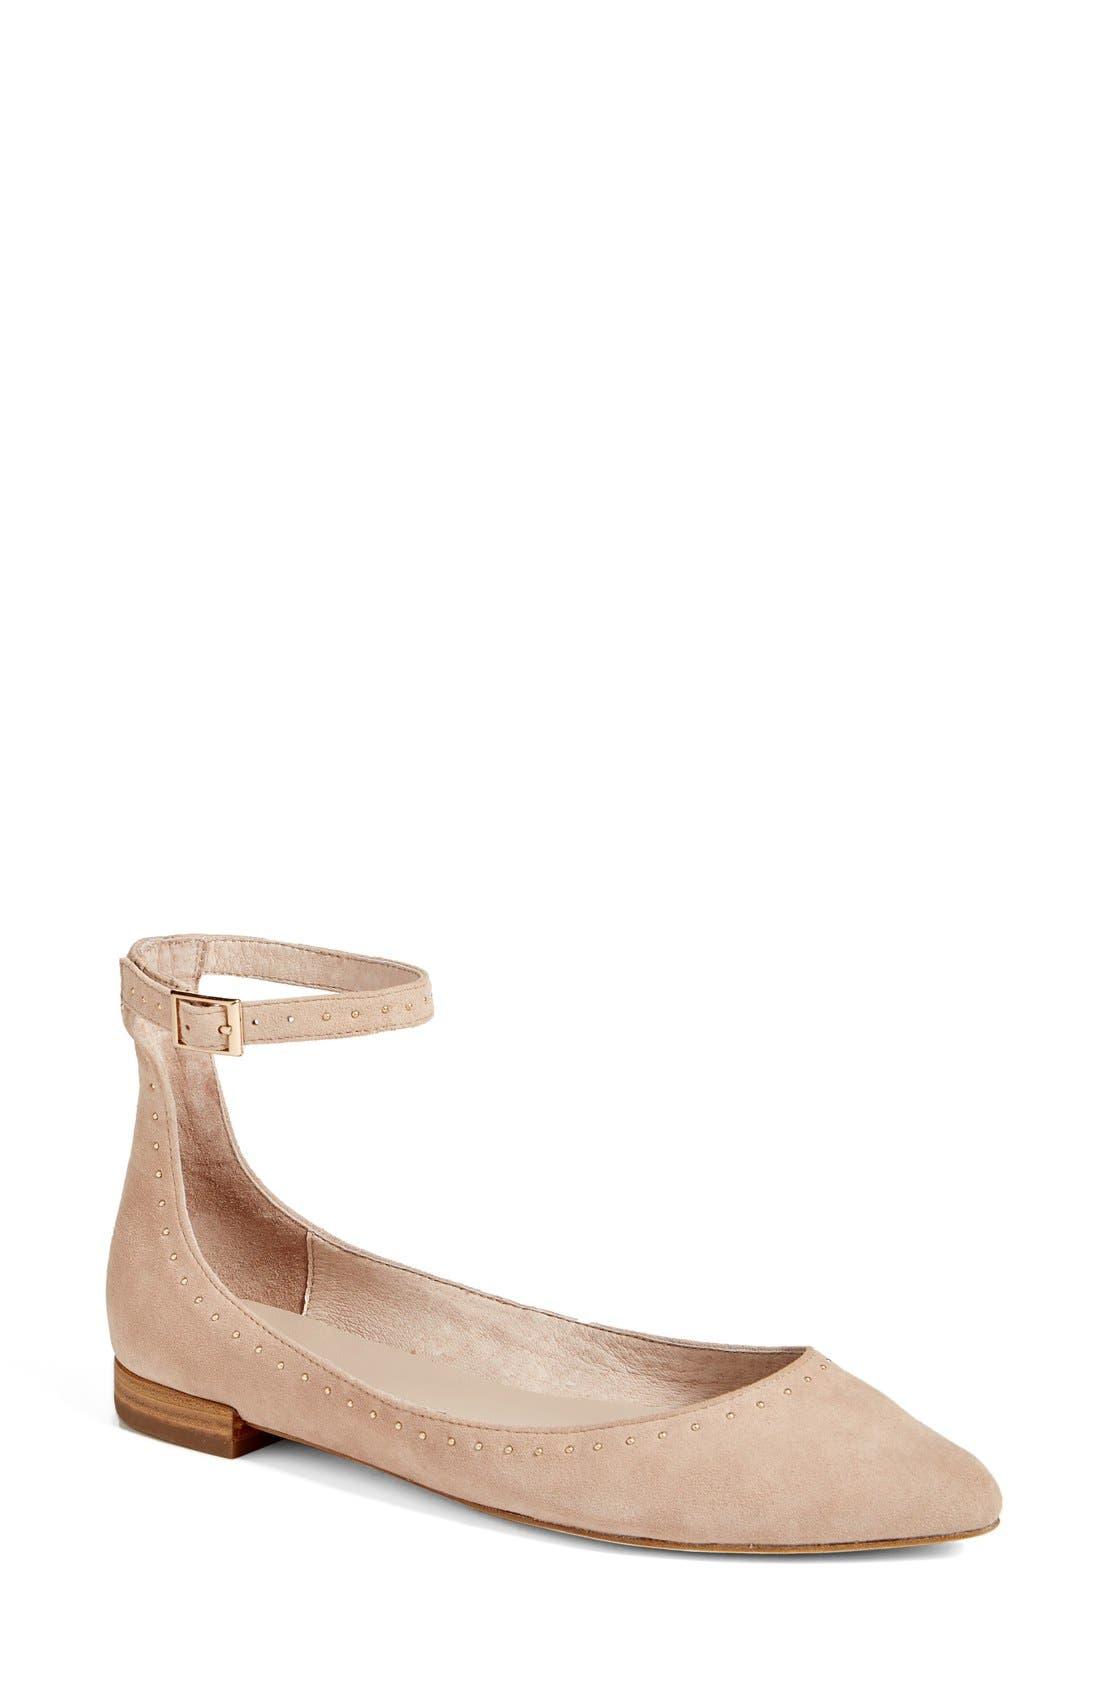 JOIE Afra Ankle Strap Ballet Flat